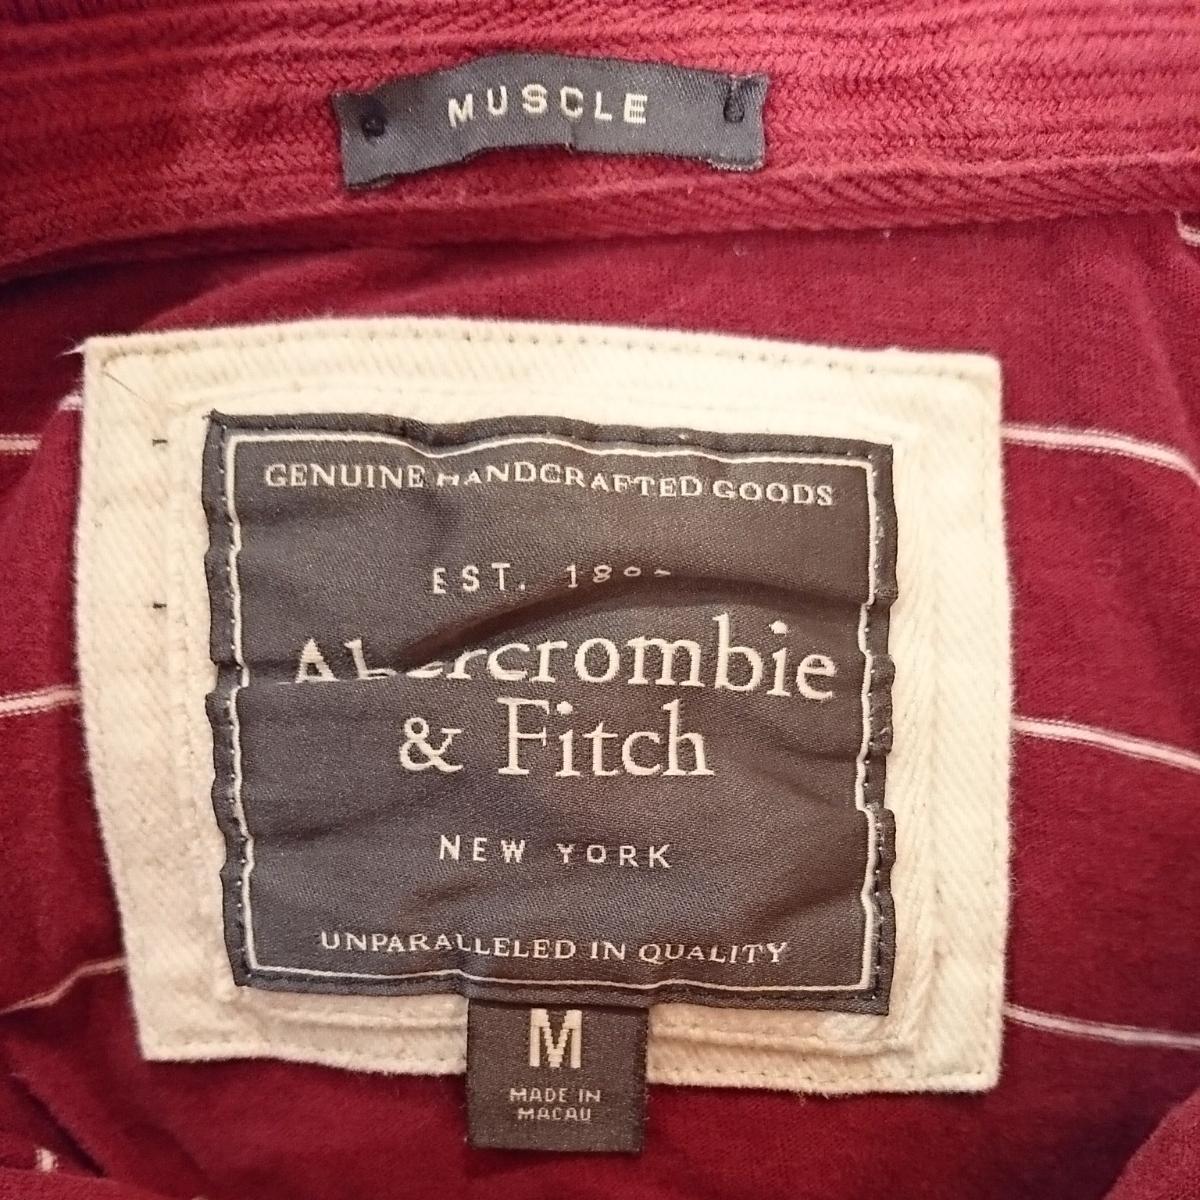 アバクロンビー&フィッチ ポロシャツ M